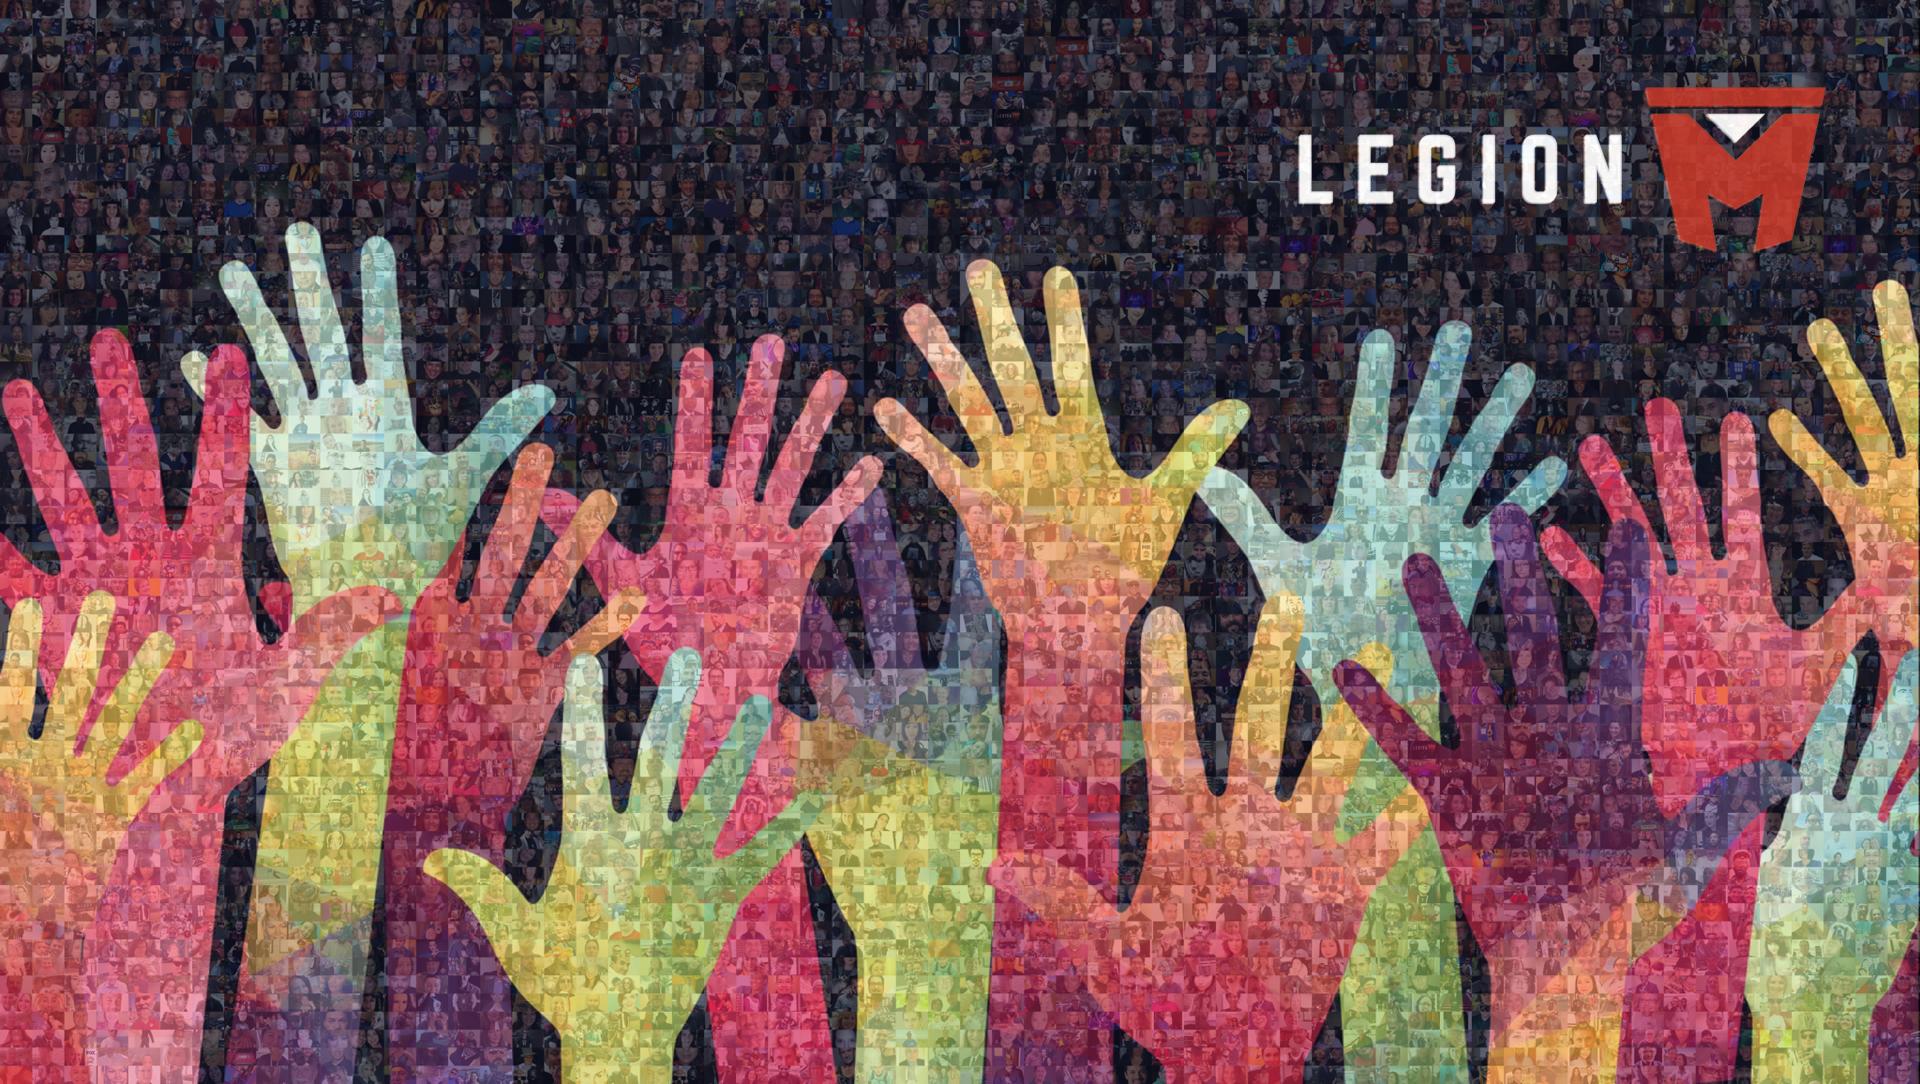 Legion M Diversity Mosaic.png